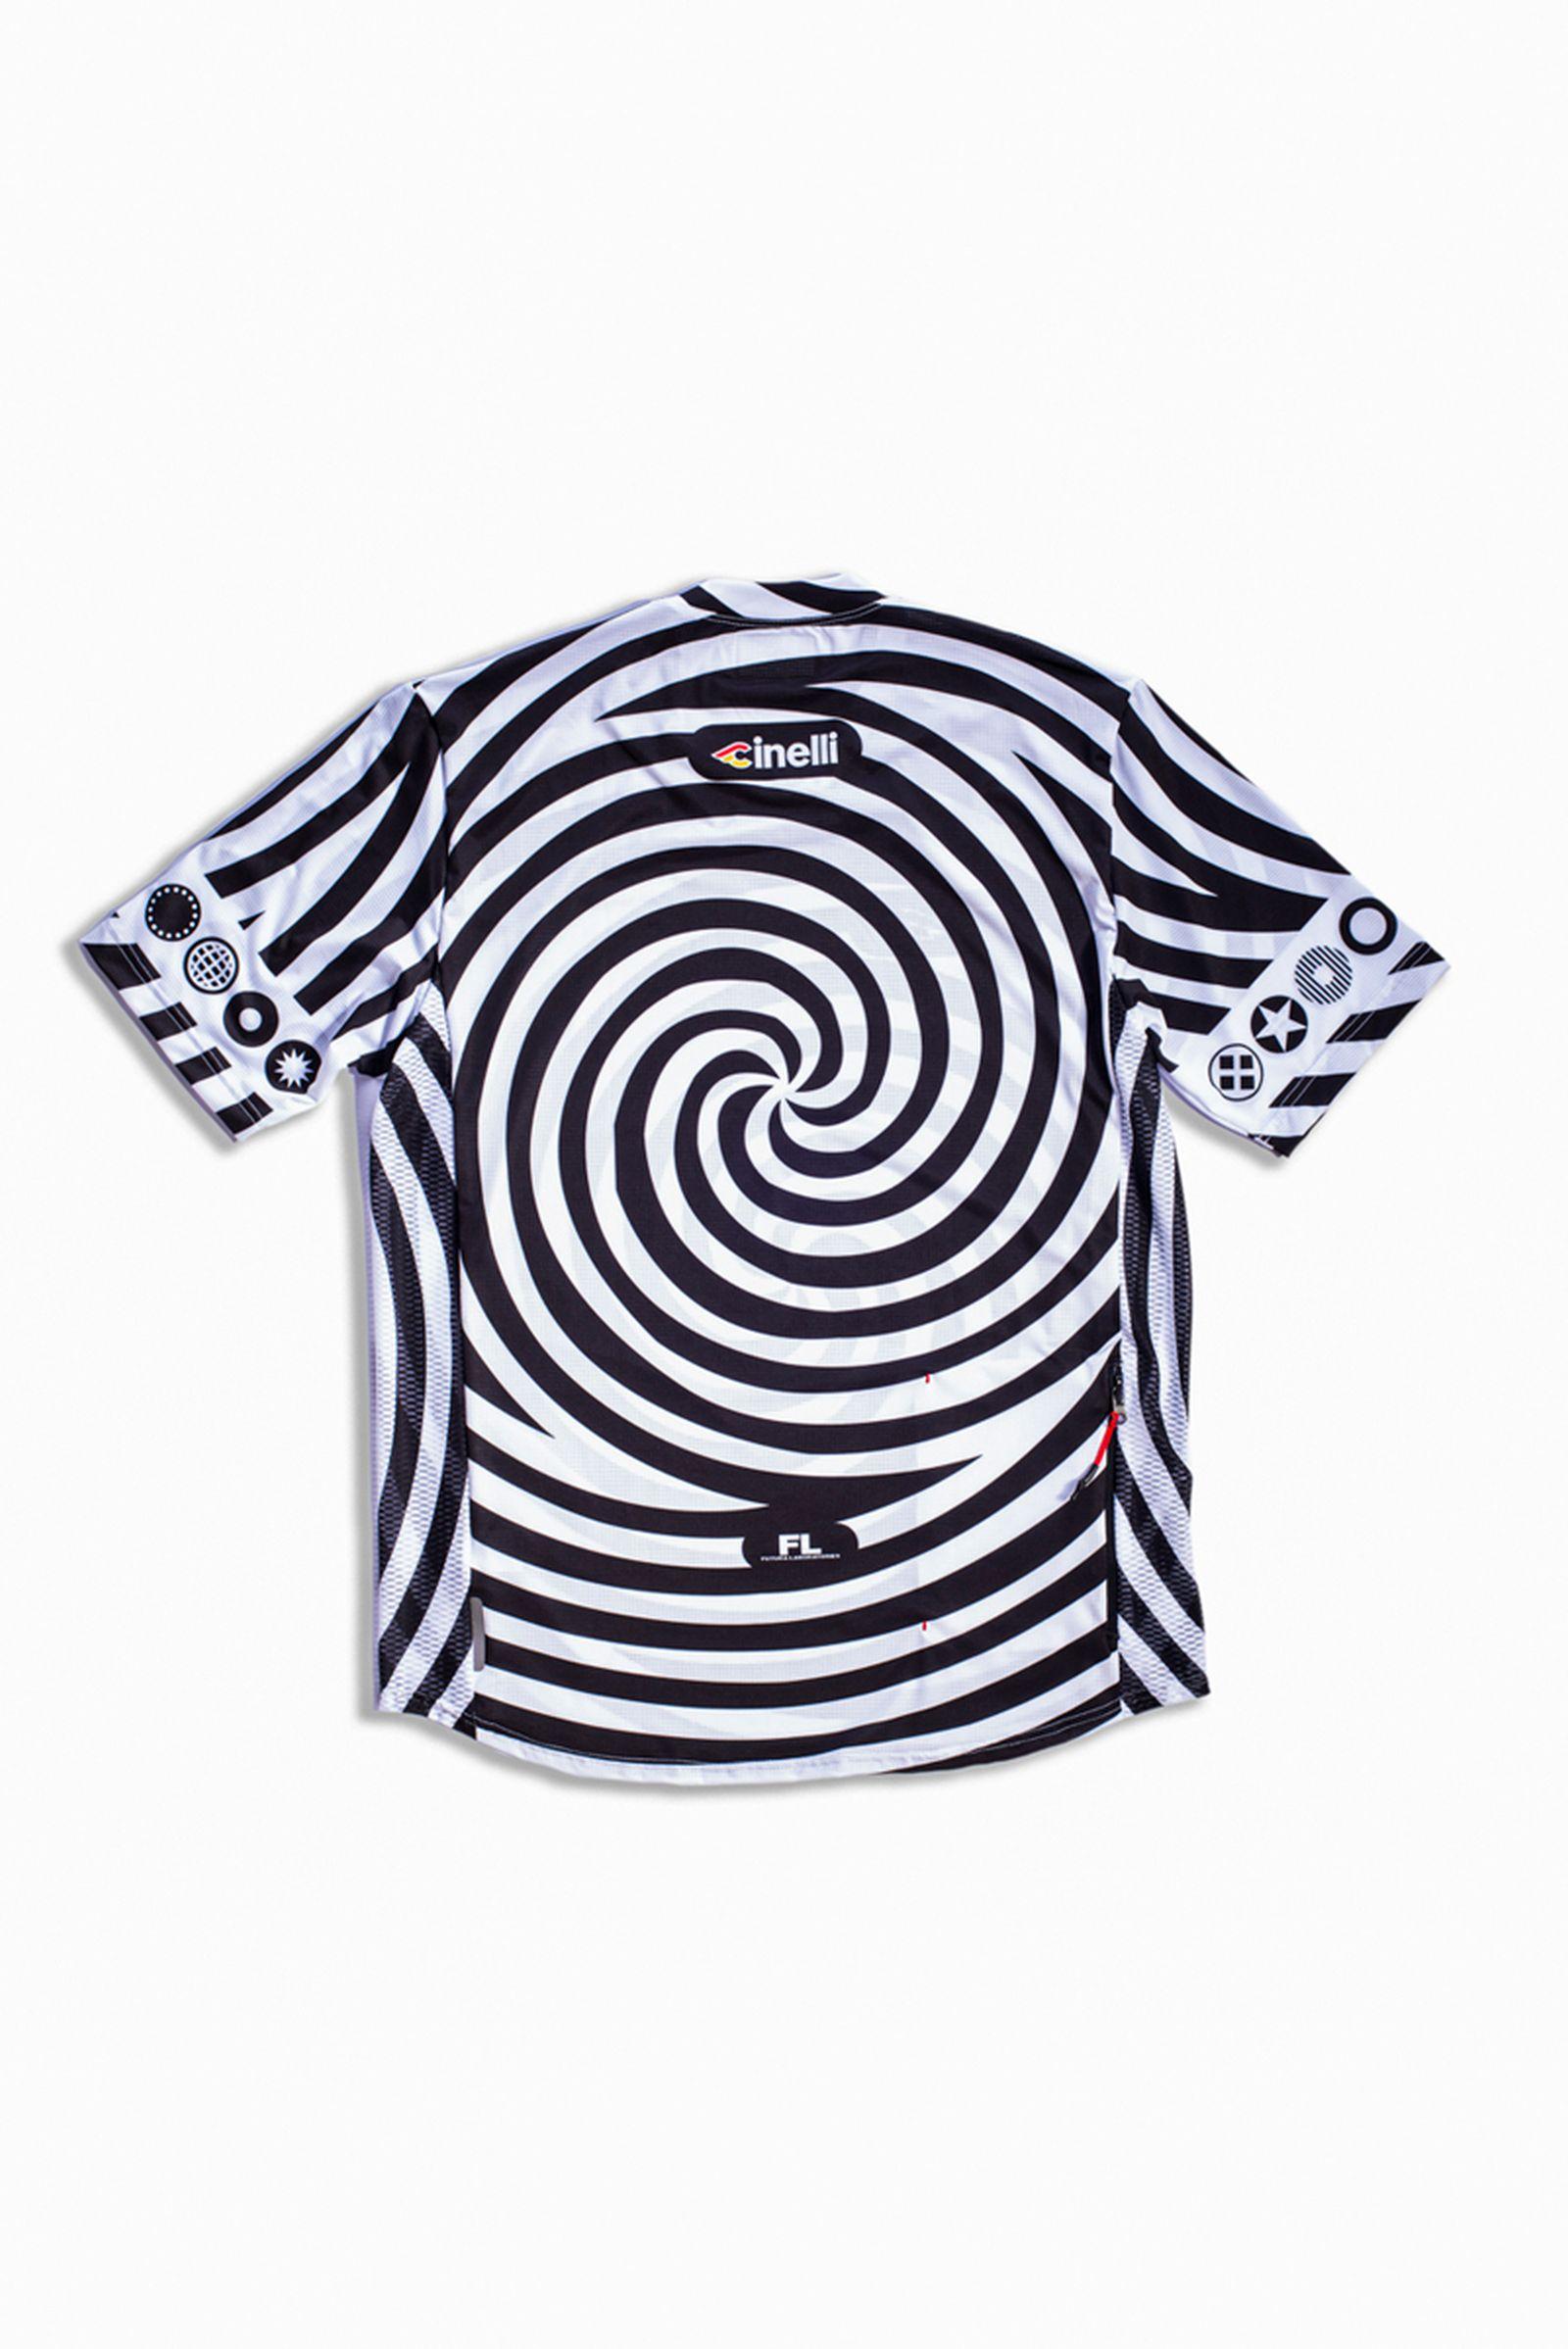 futura_cinelli-apparel-collab- (17)